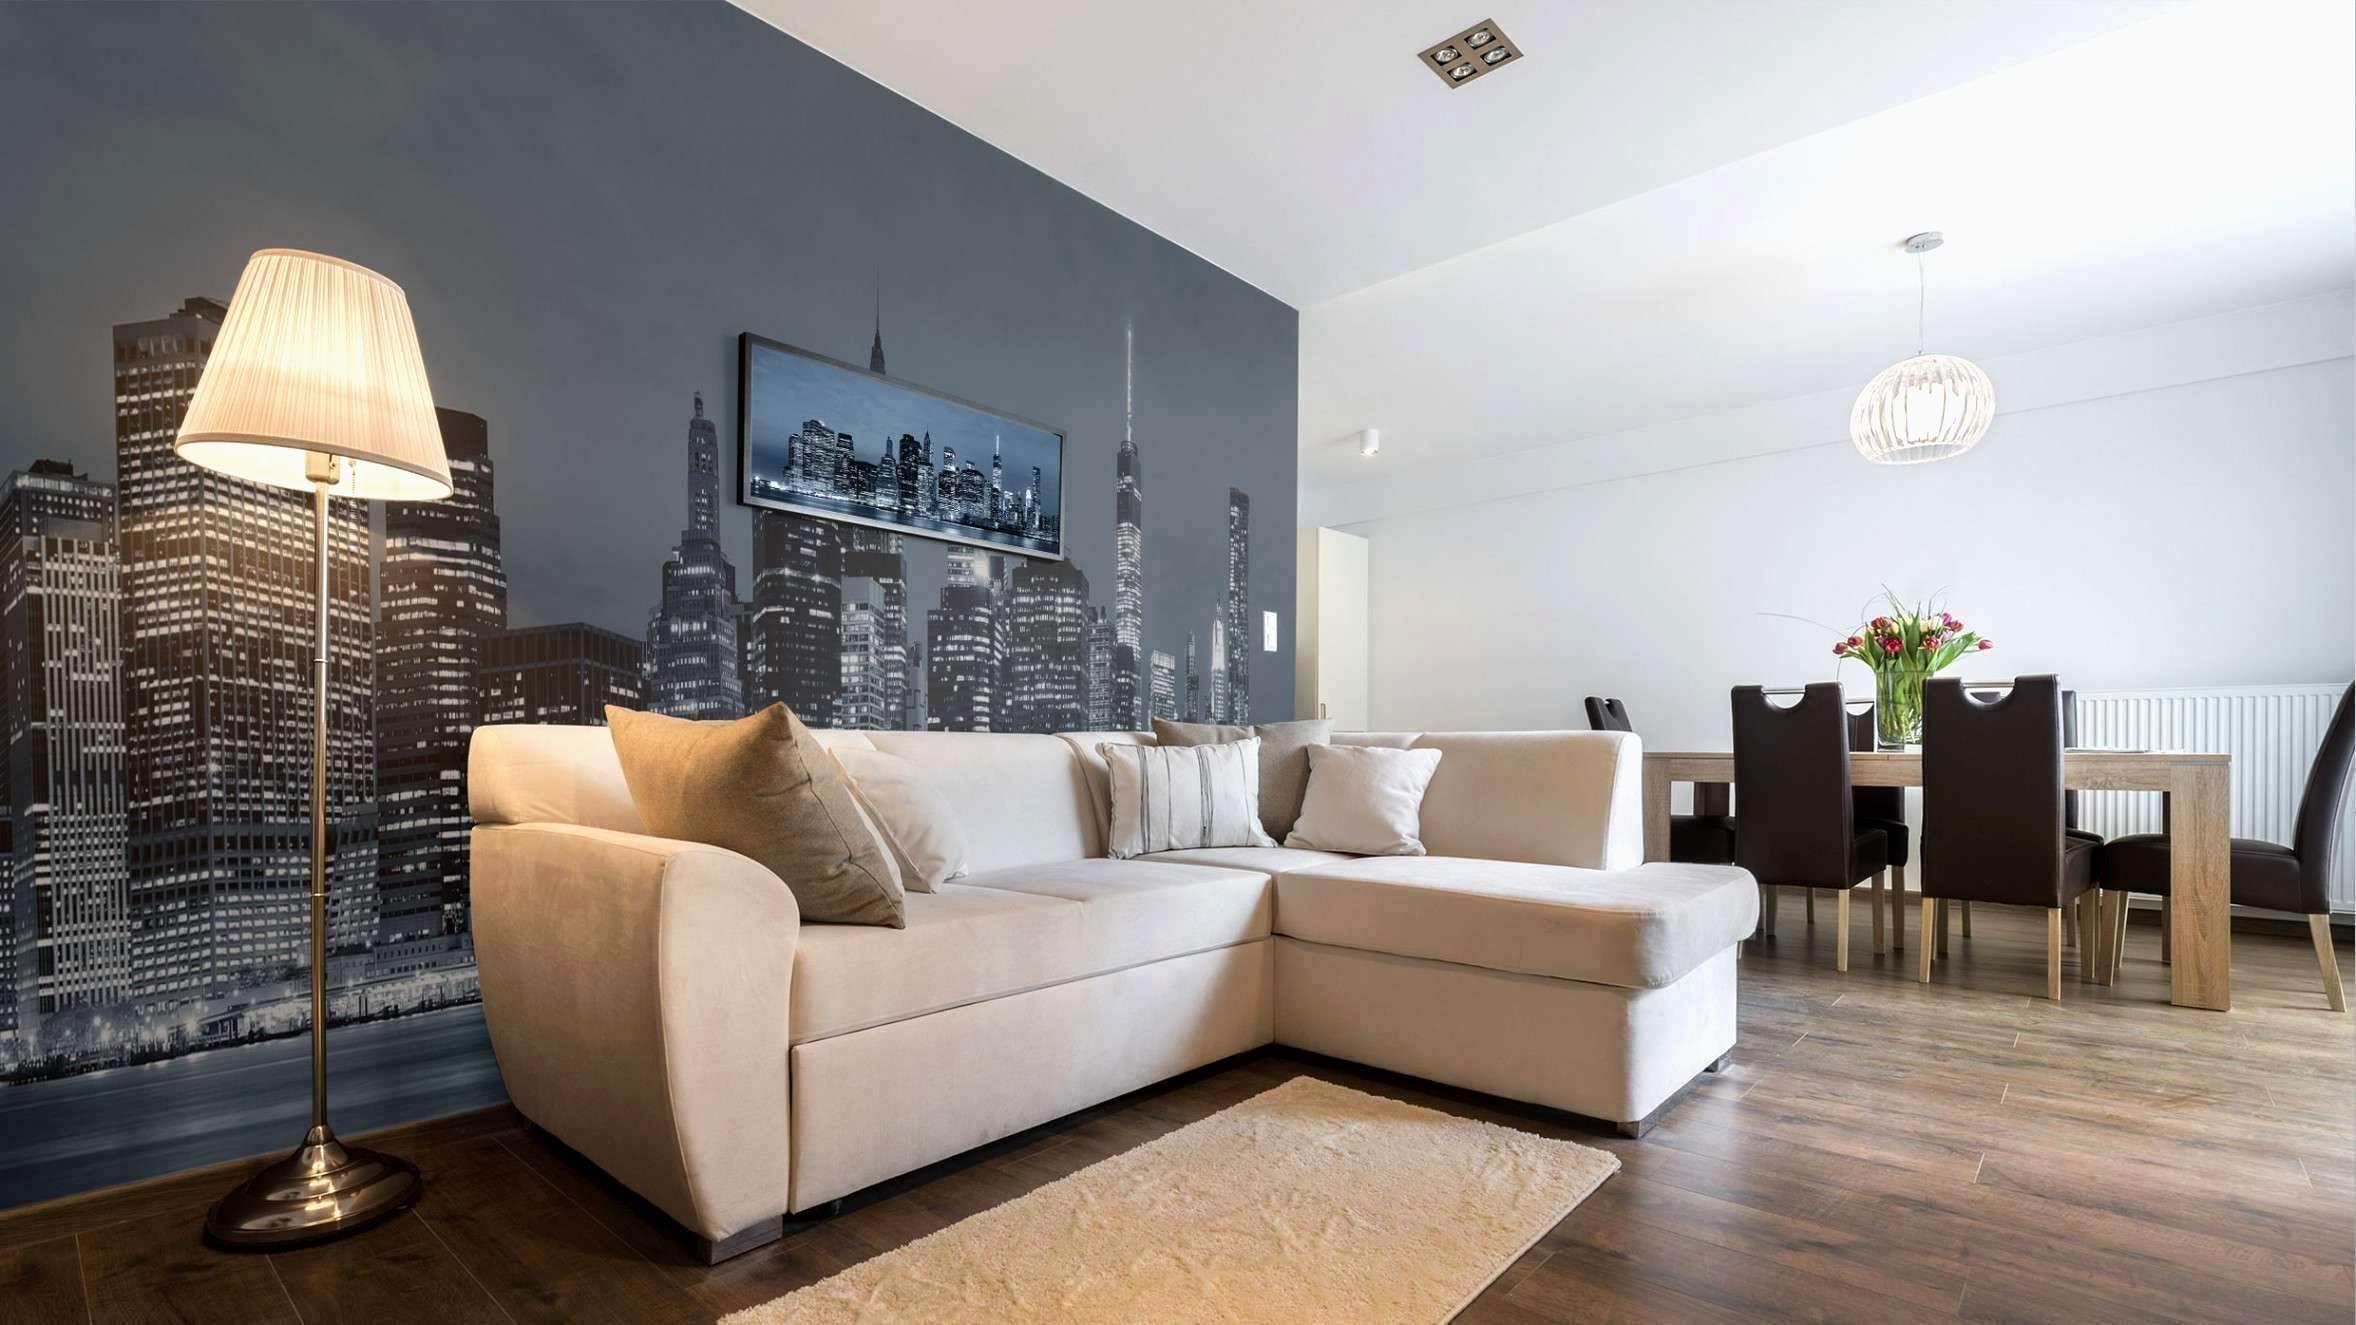 wohnideen wohnzimmer modern neu wohnideen wohnzimmer bilder modern und luxus kamin modern 0d of wohnideen wohnzimmer modern